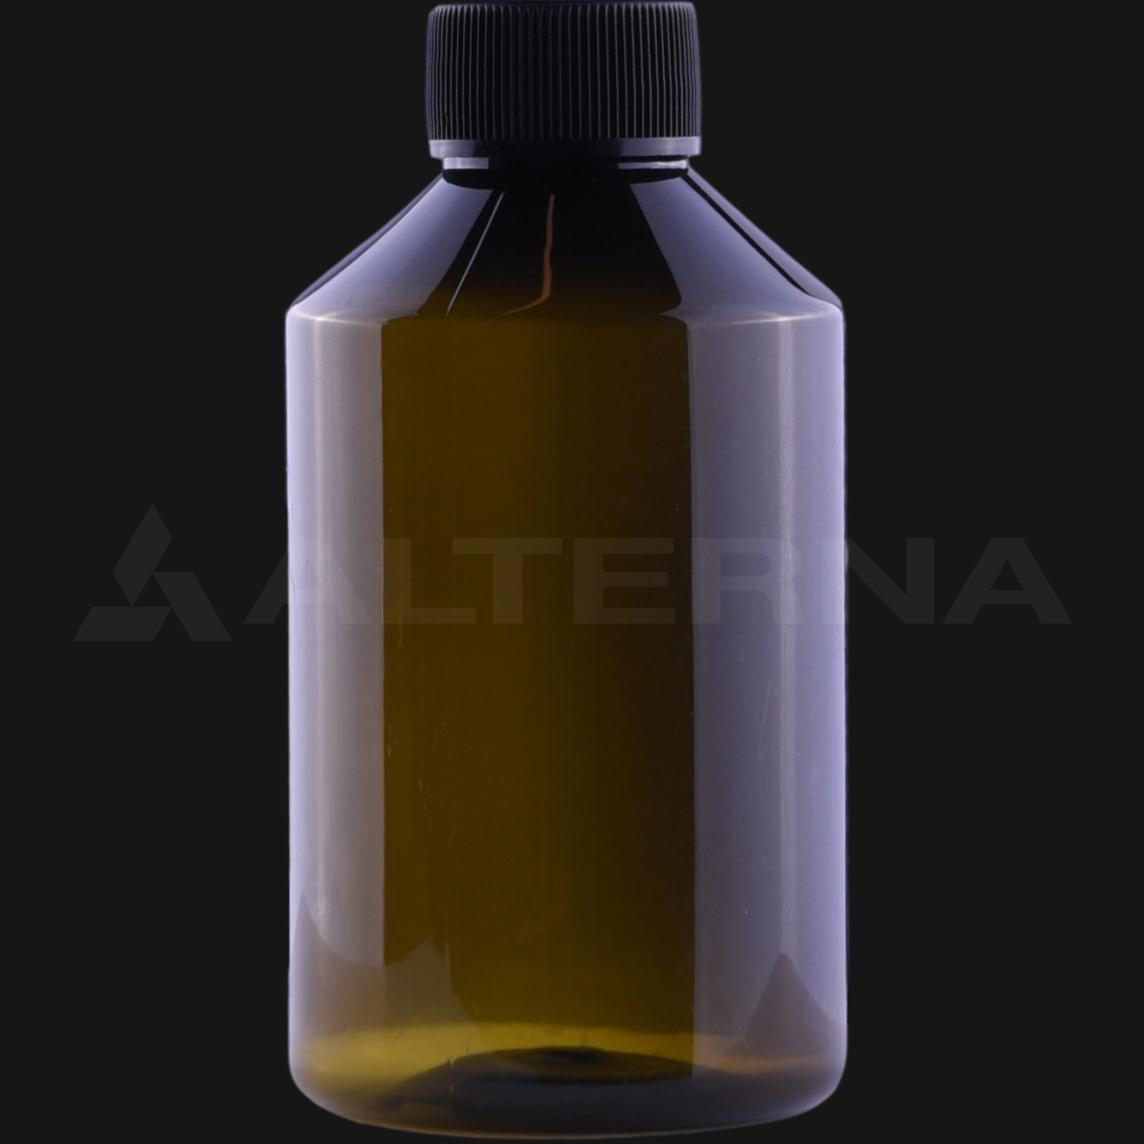 250 ml PET Bottle with 28 mm Foam Seal Cap